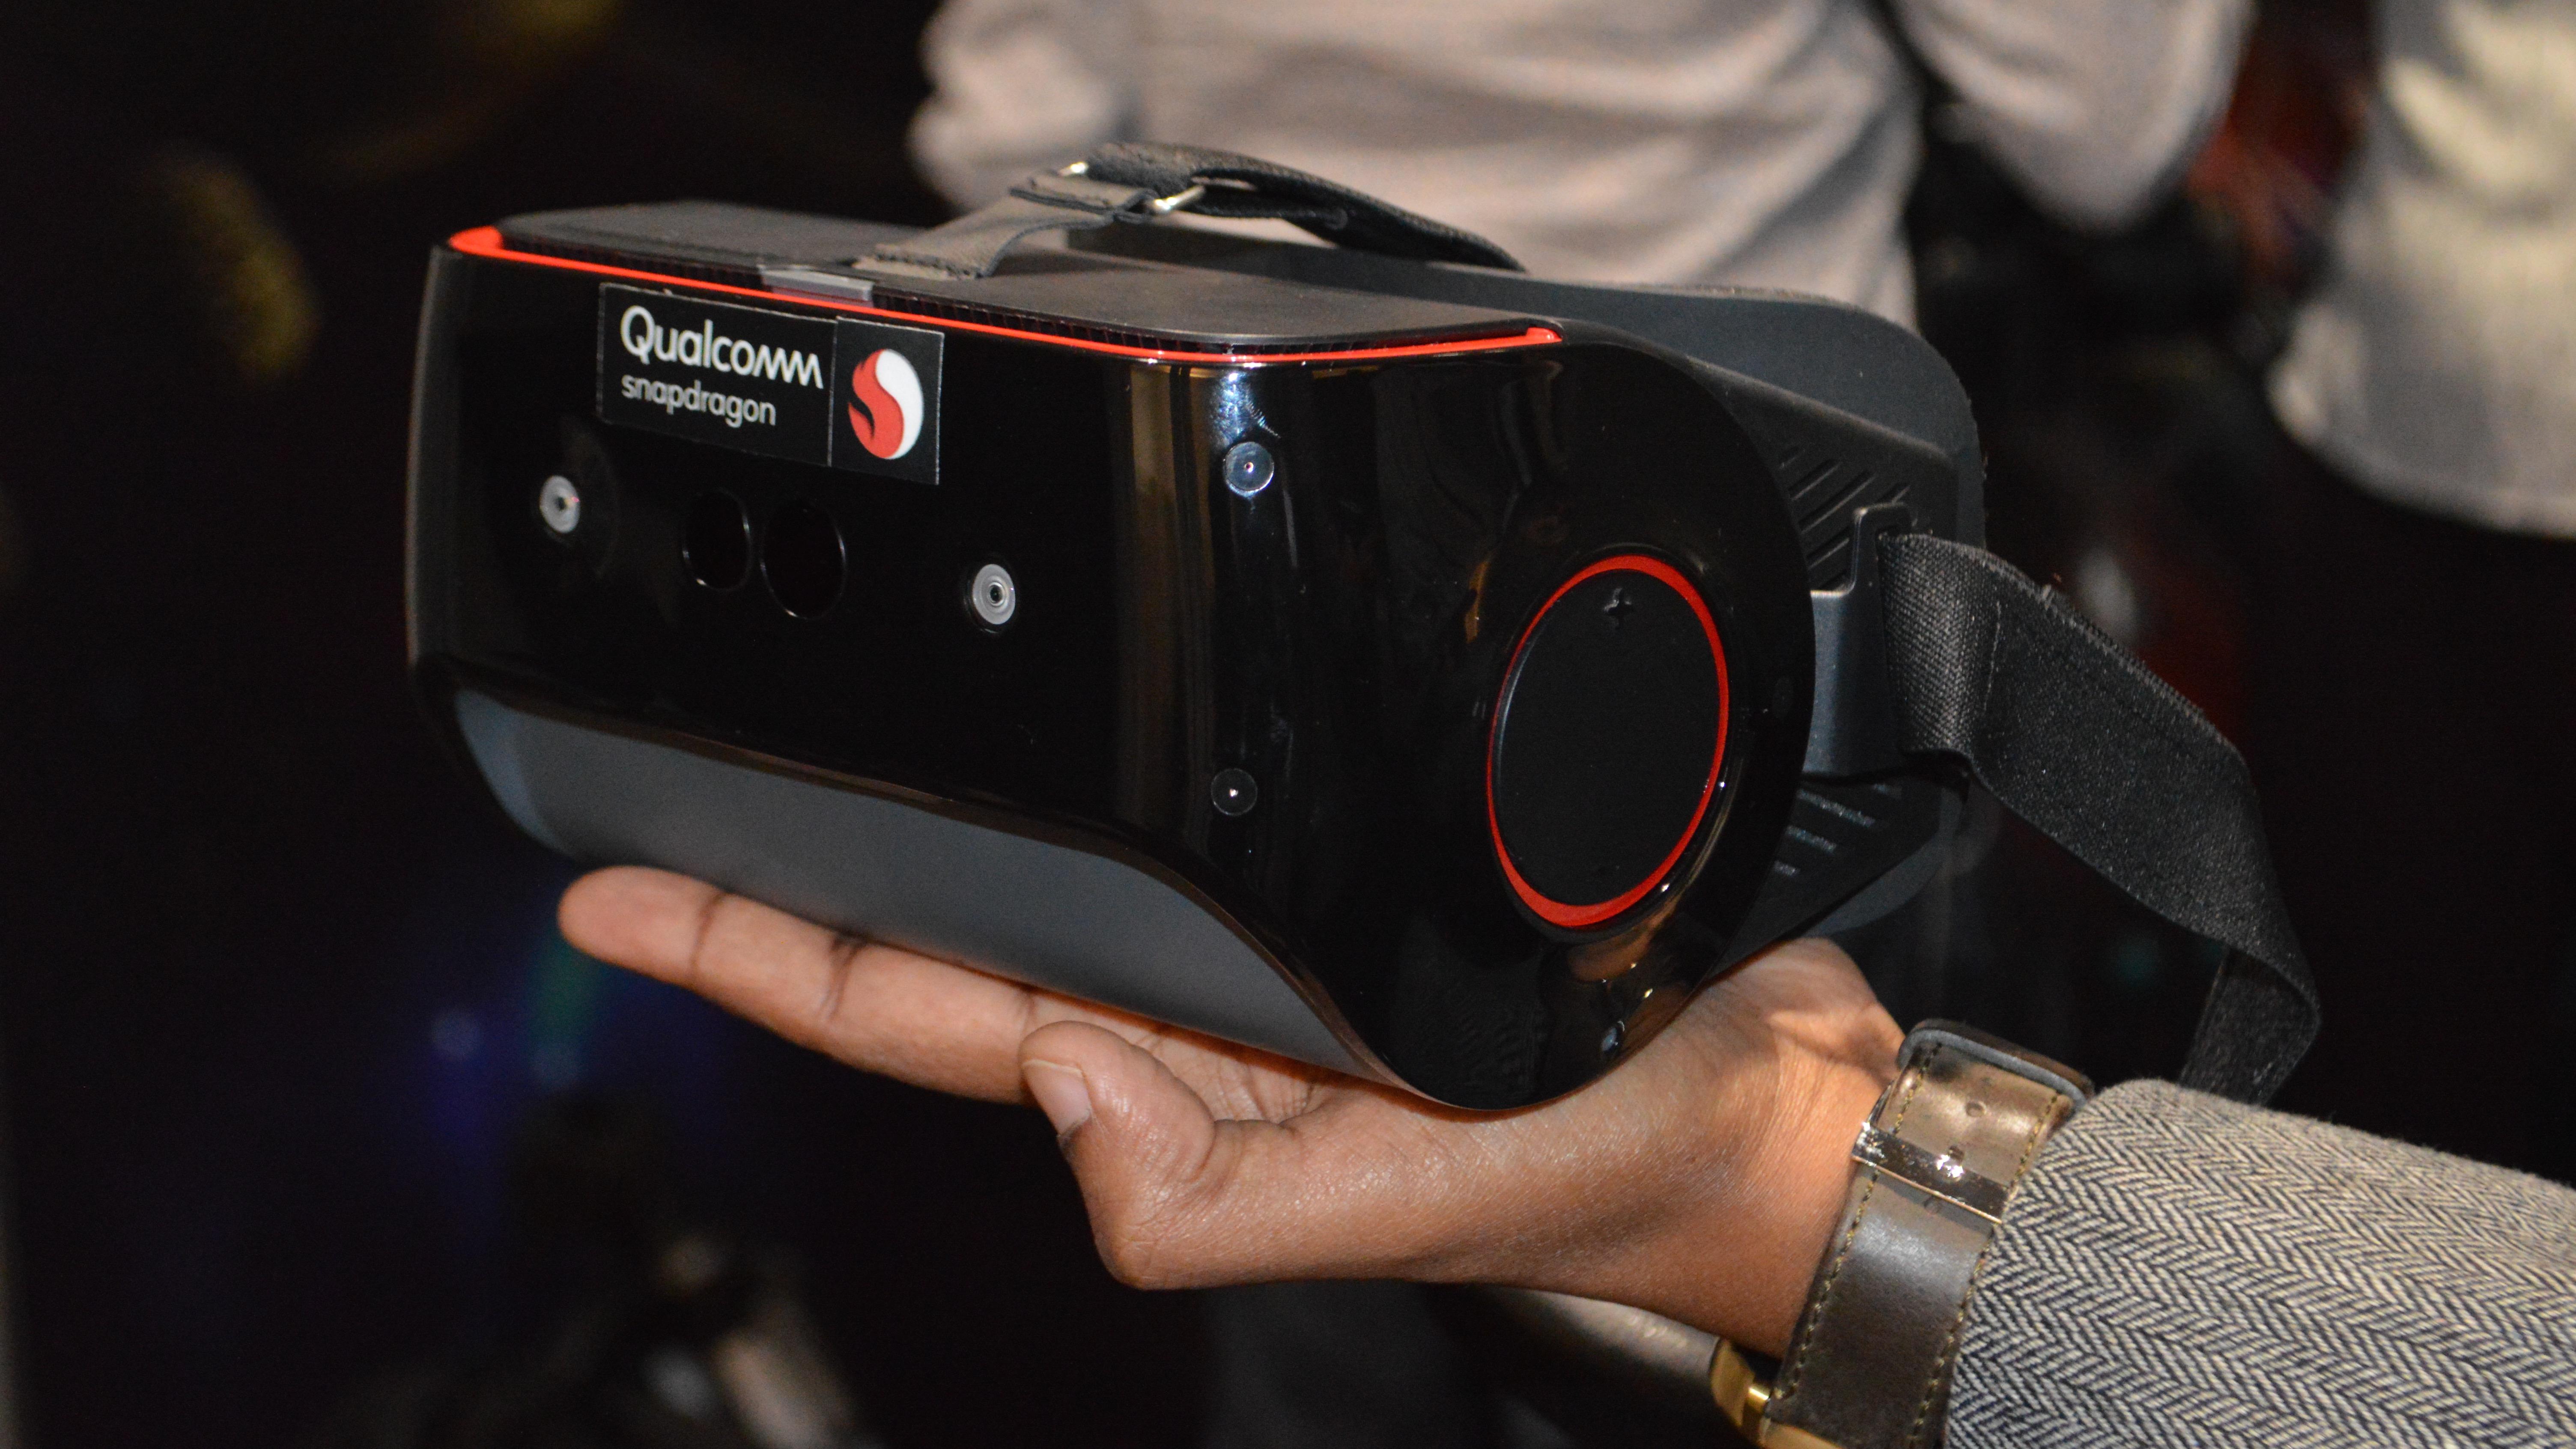 Los auriculares con diseño de referencia más recientes de Qualcomm llevan la realidad virtual independiente al siguiente nivel